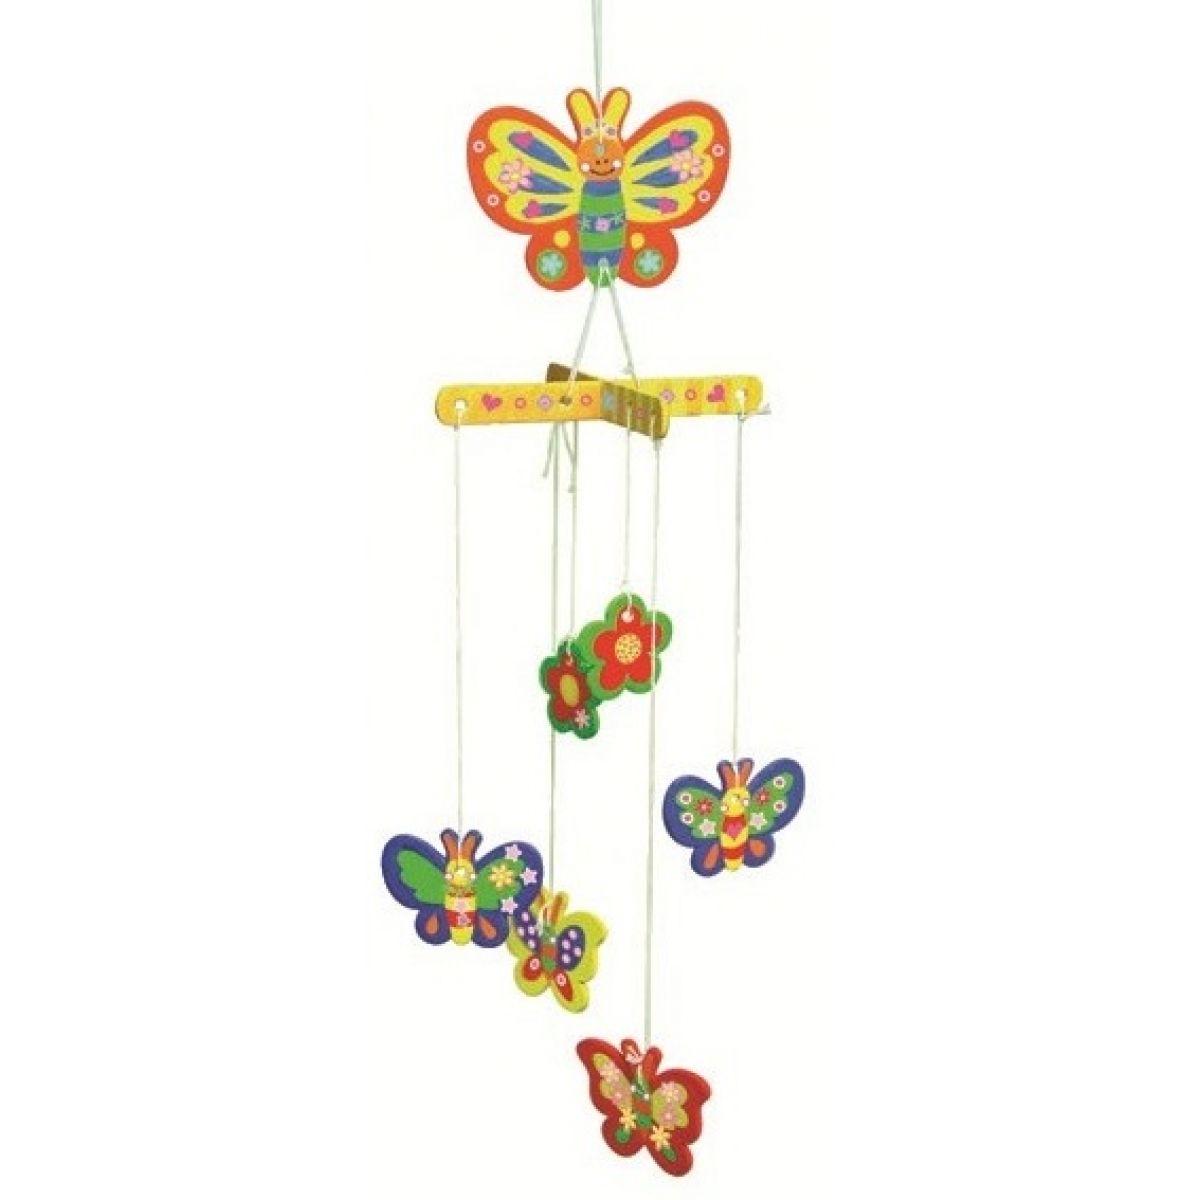 Dřevěné puzzle houpací závěs 20 x 15 cm motýl